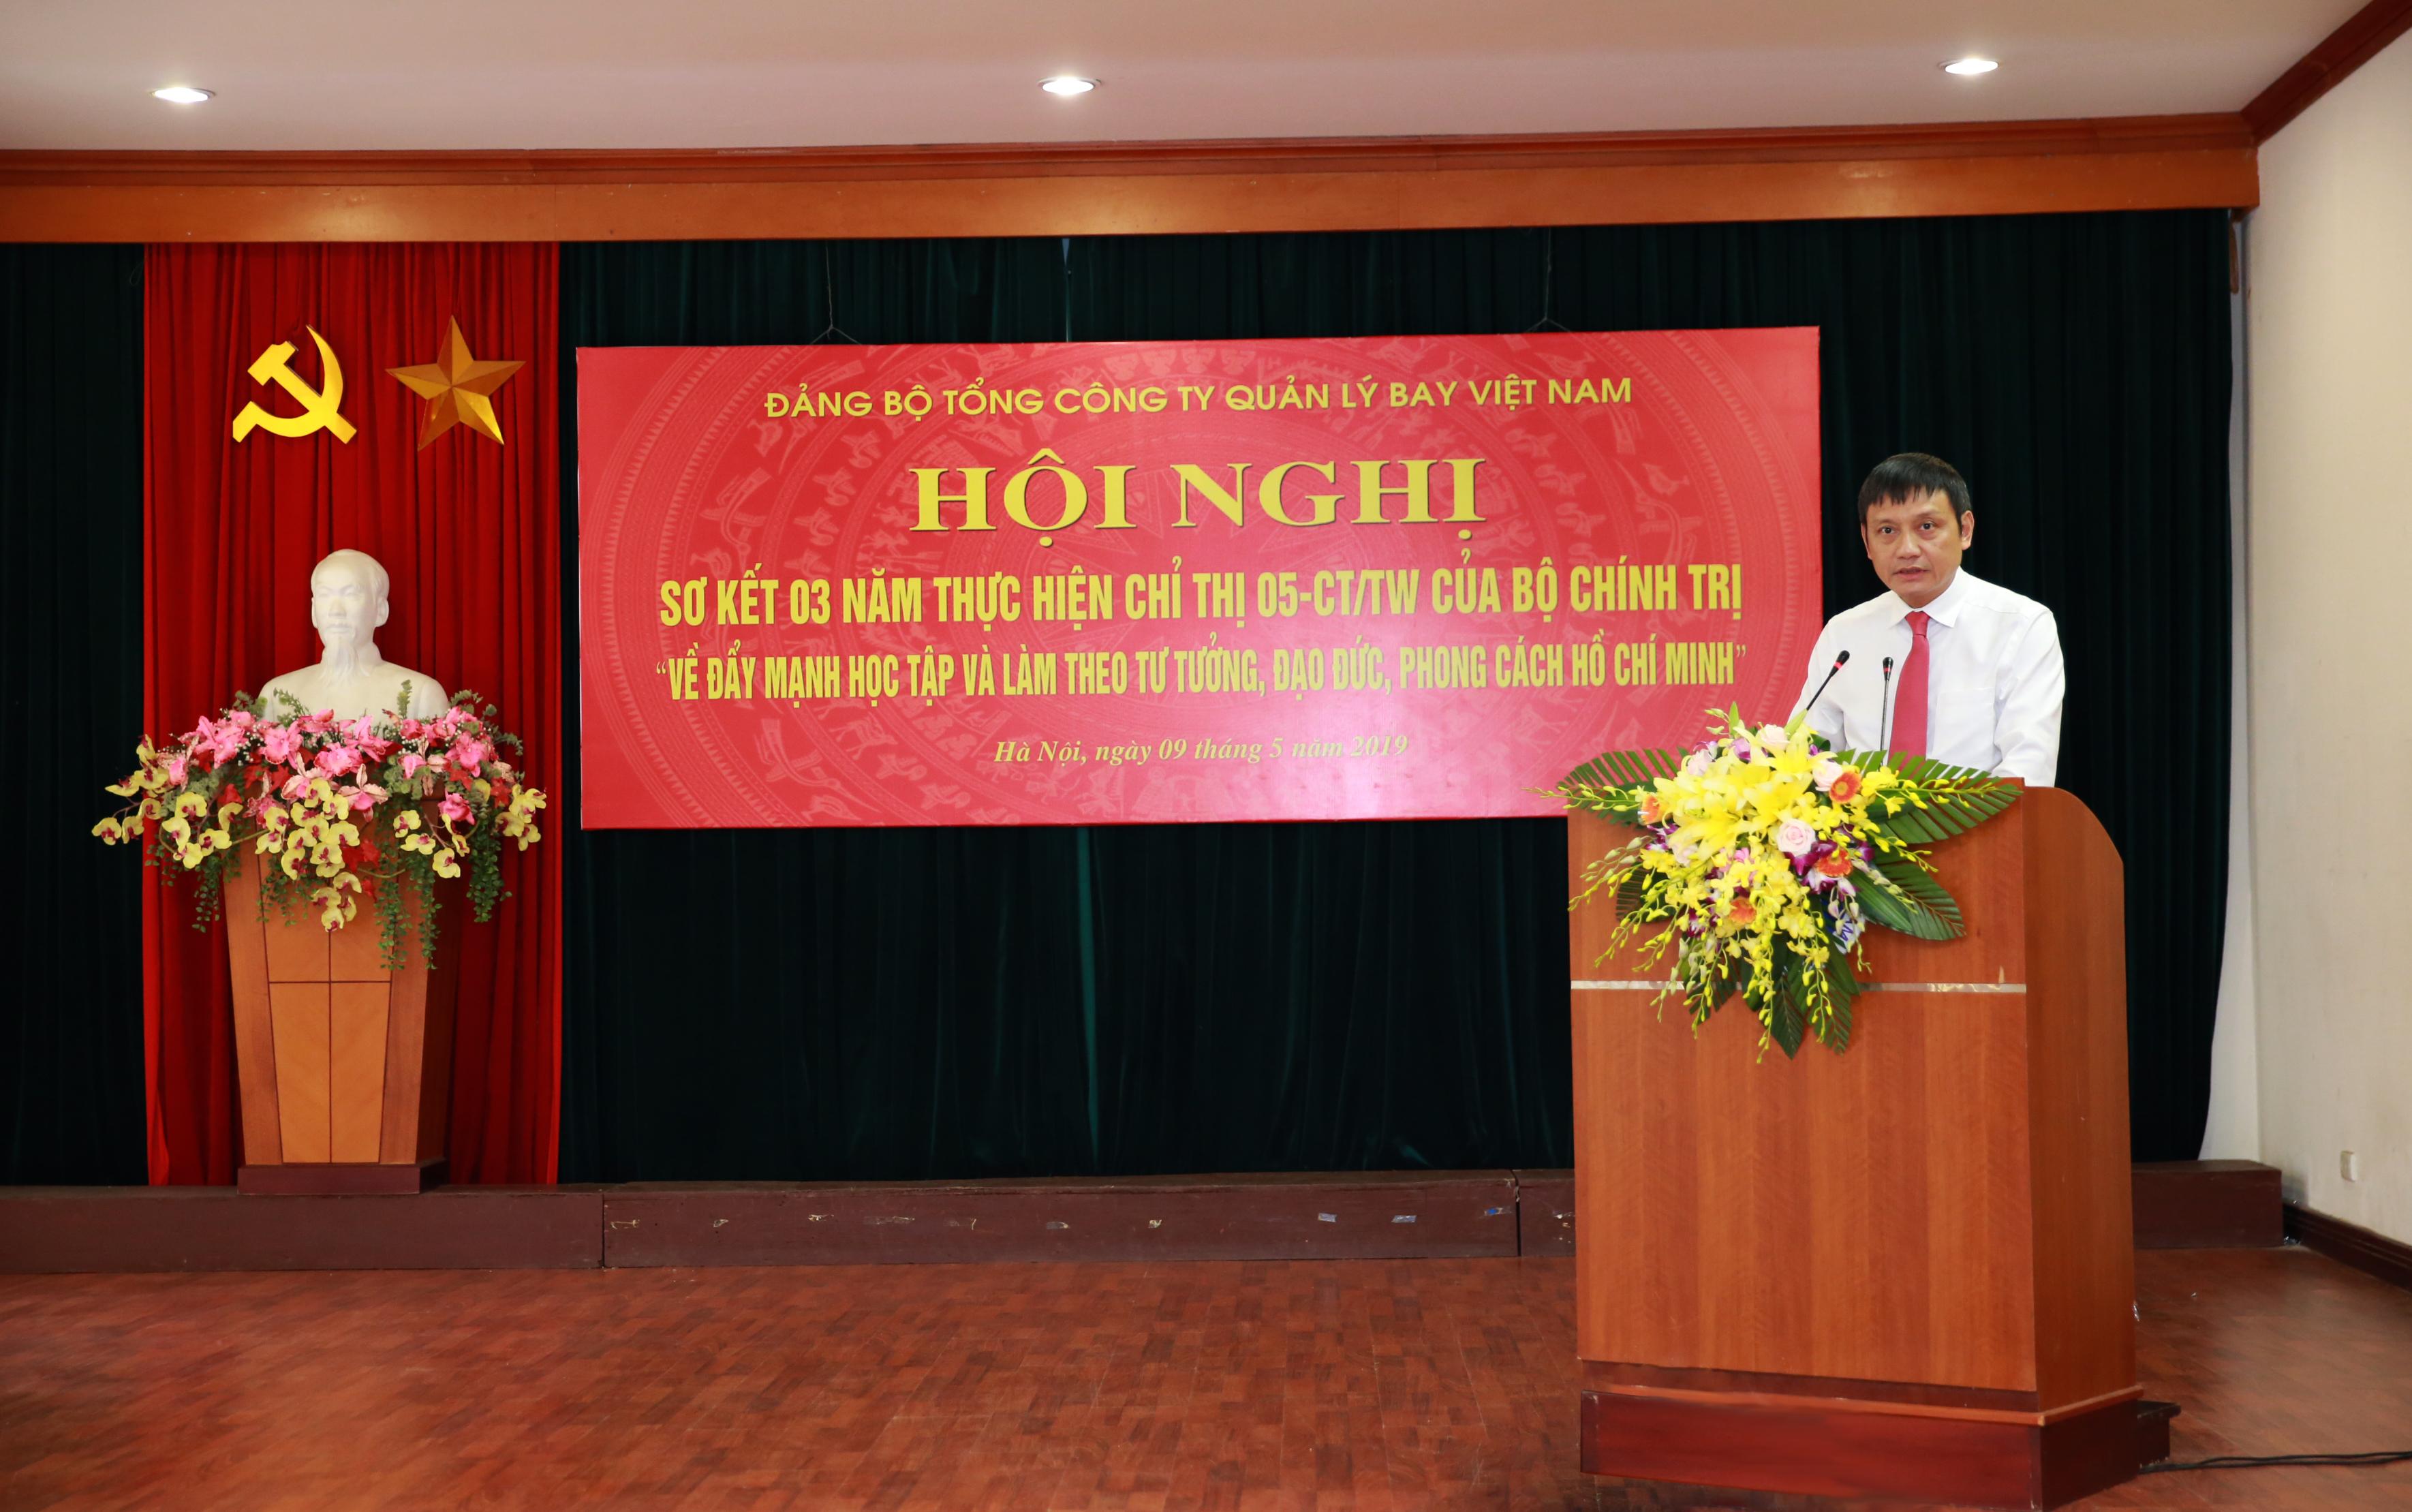 Đảng ủy VATM: Tổ chức sơ kết 3 năm thực hiện Chỉ thị số 05 - CT/TW của Bộ Chính trị về đẩy mạnh việc học tập và làm theo tư tưởng, đạo đức, phong cách Hồ Chí Minh